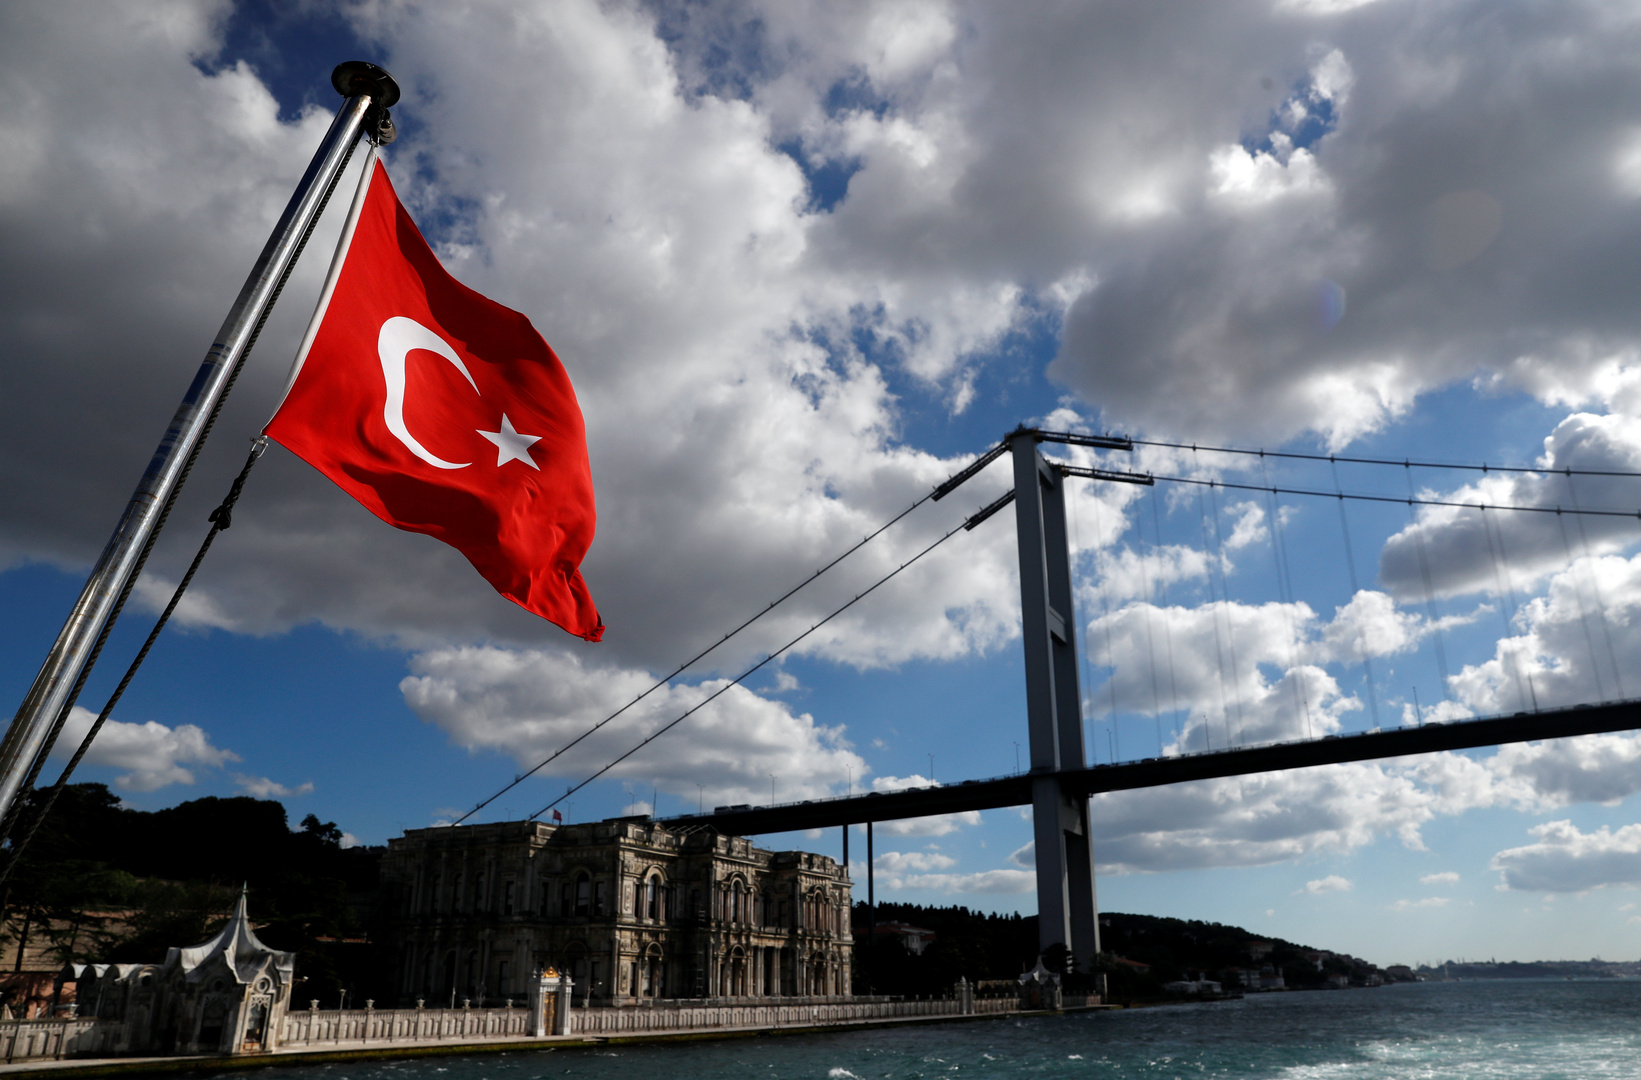 تركيا: البيان الذي نشر في ختام اجتماع 7 دول أعضاء بالاتحاد الأوروبي في أثينا